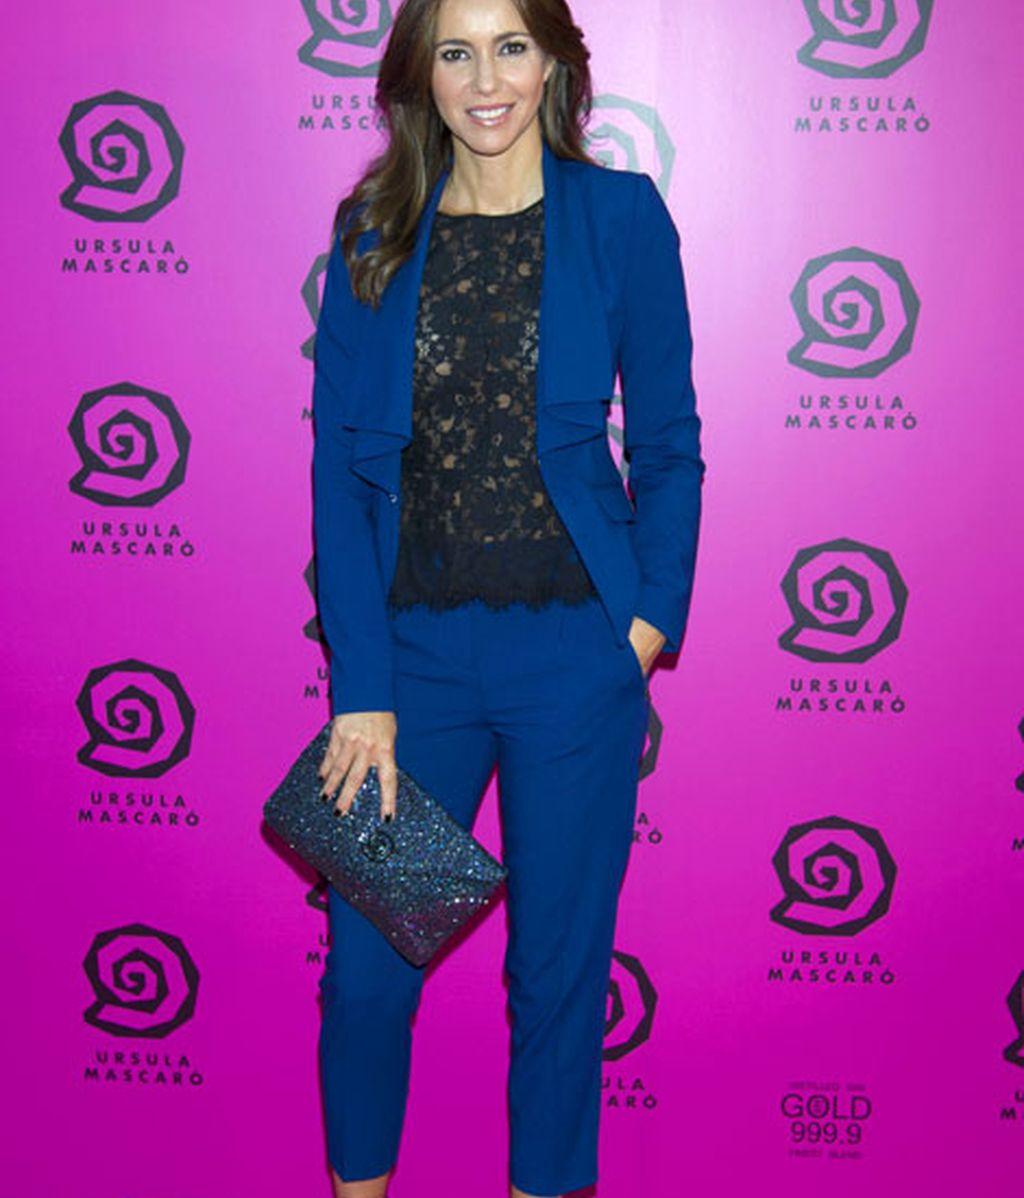 La presentadora Arancha del Sol, muy elegante con un traje azul